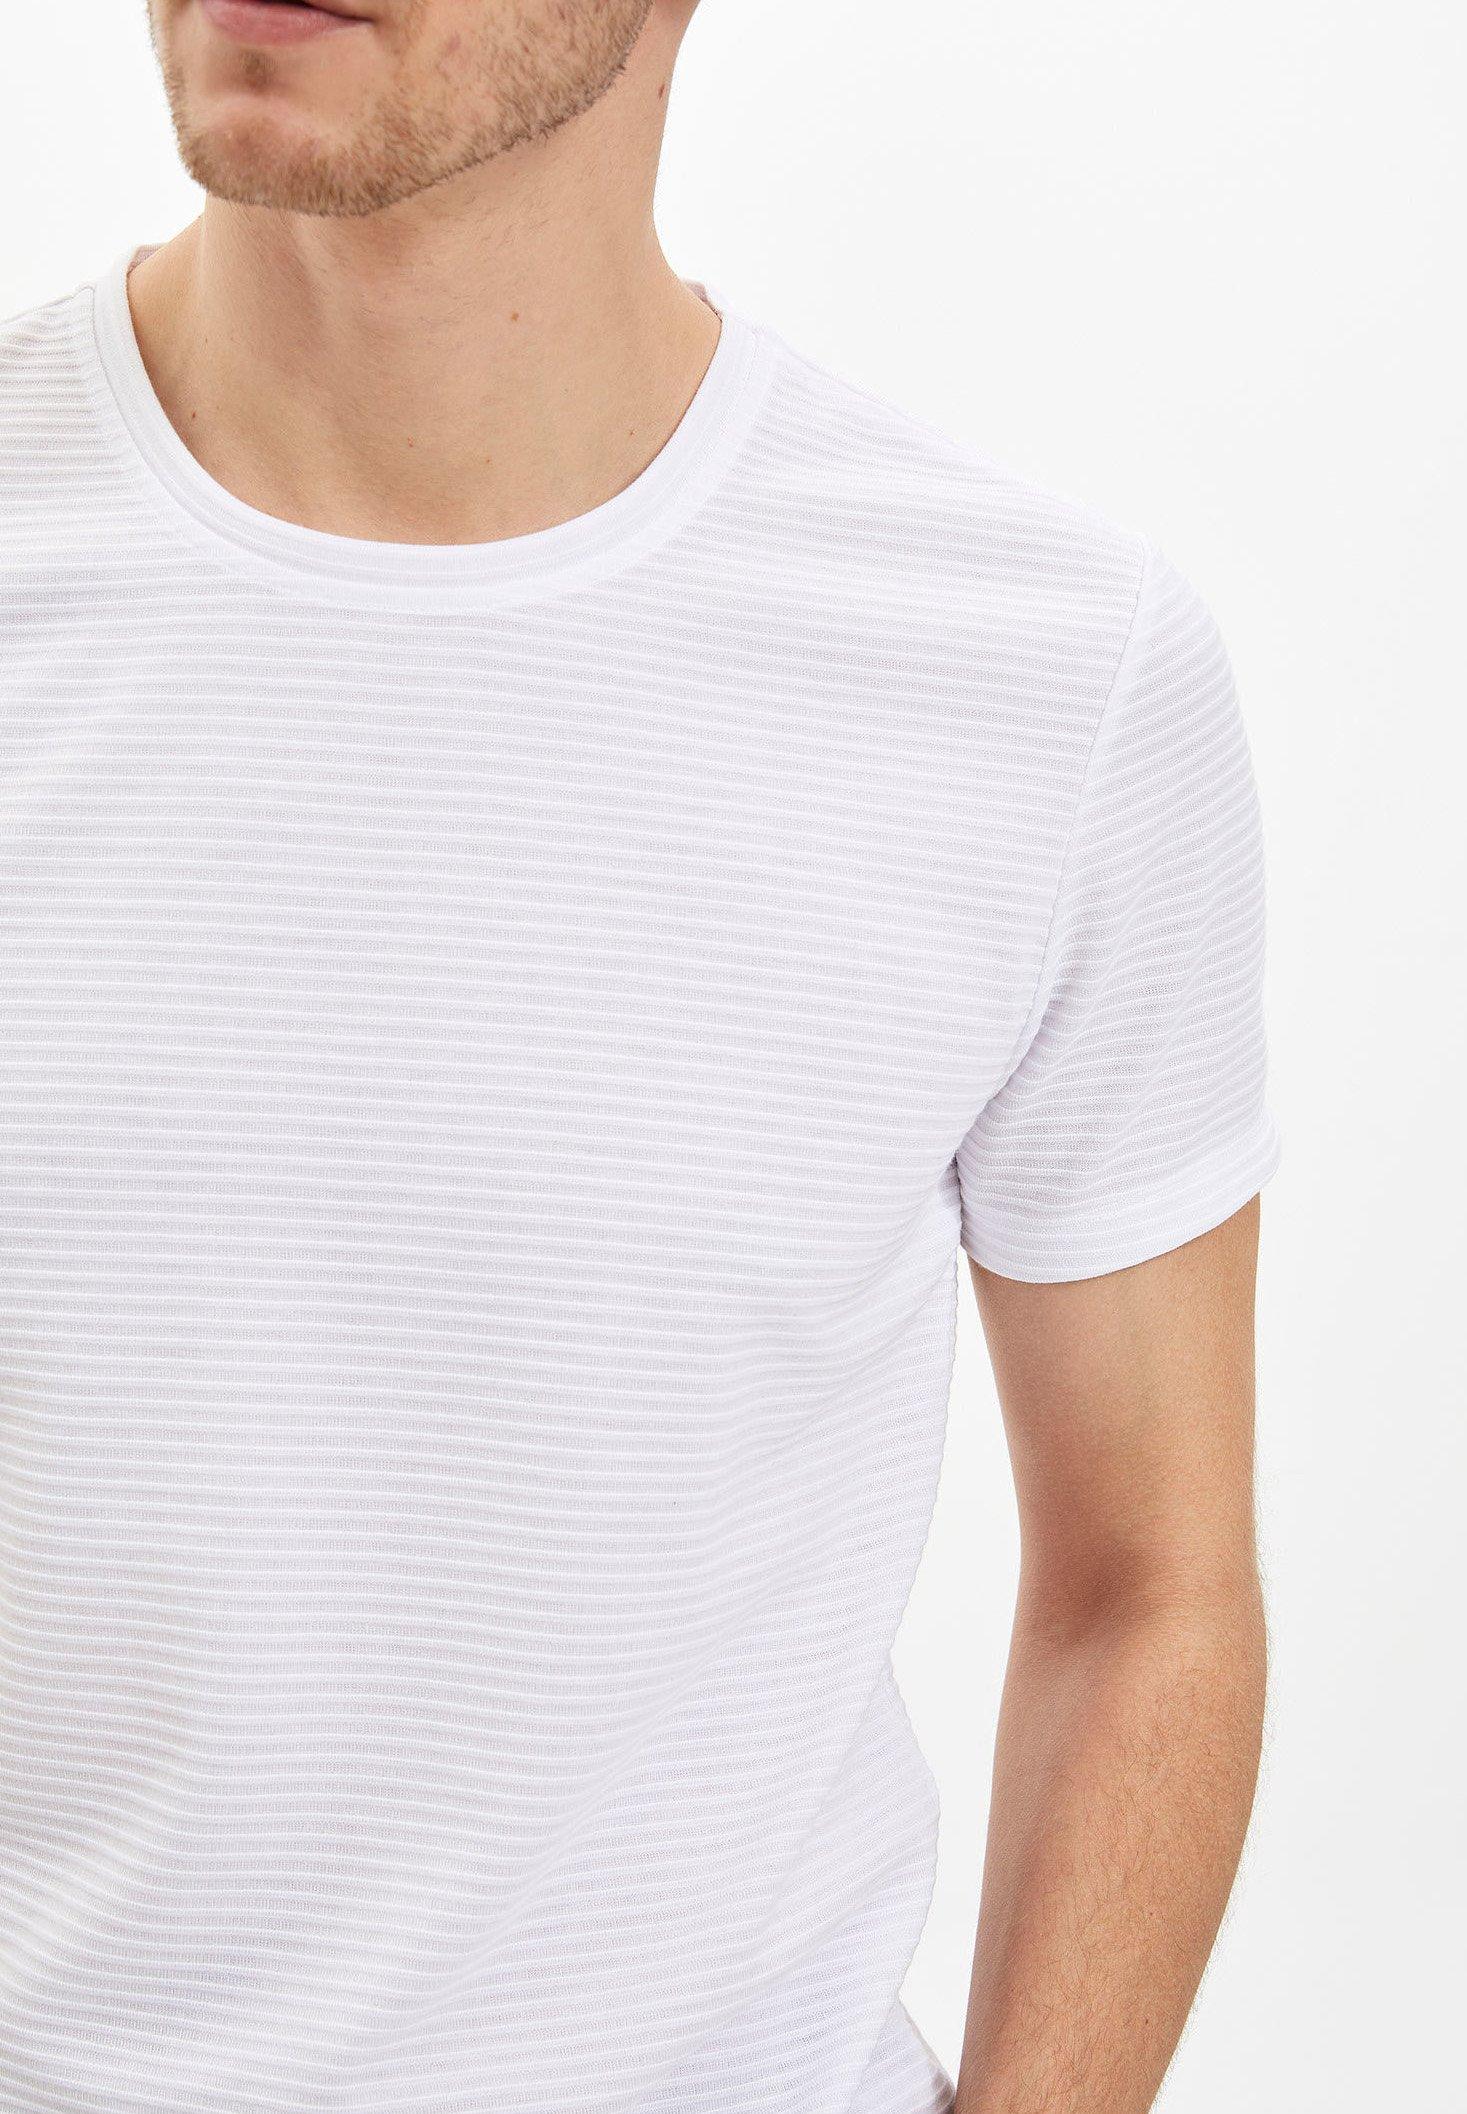 DeFacto Print T-shirt - white sjnmQ